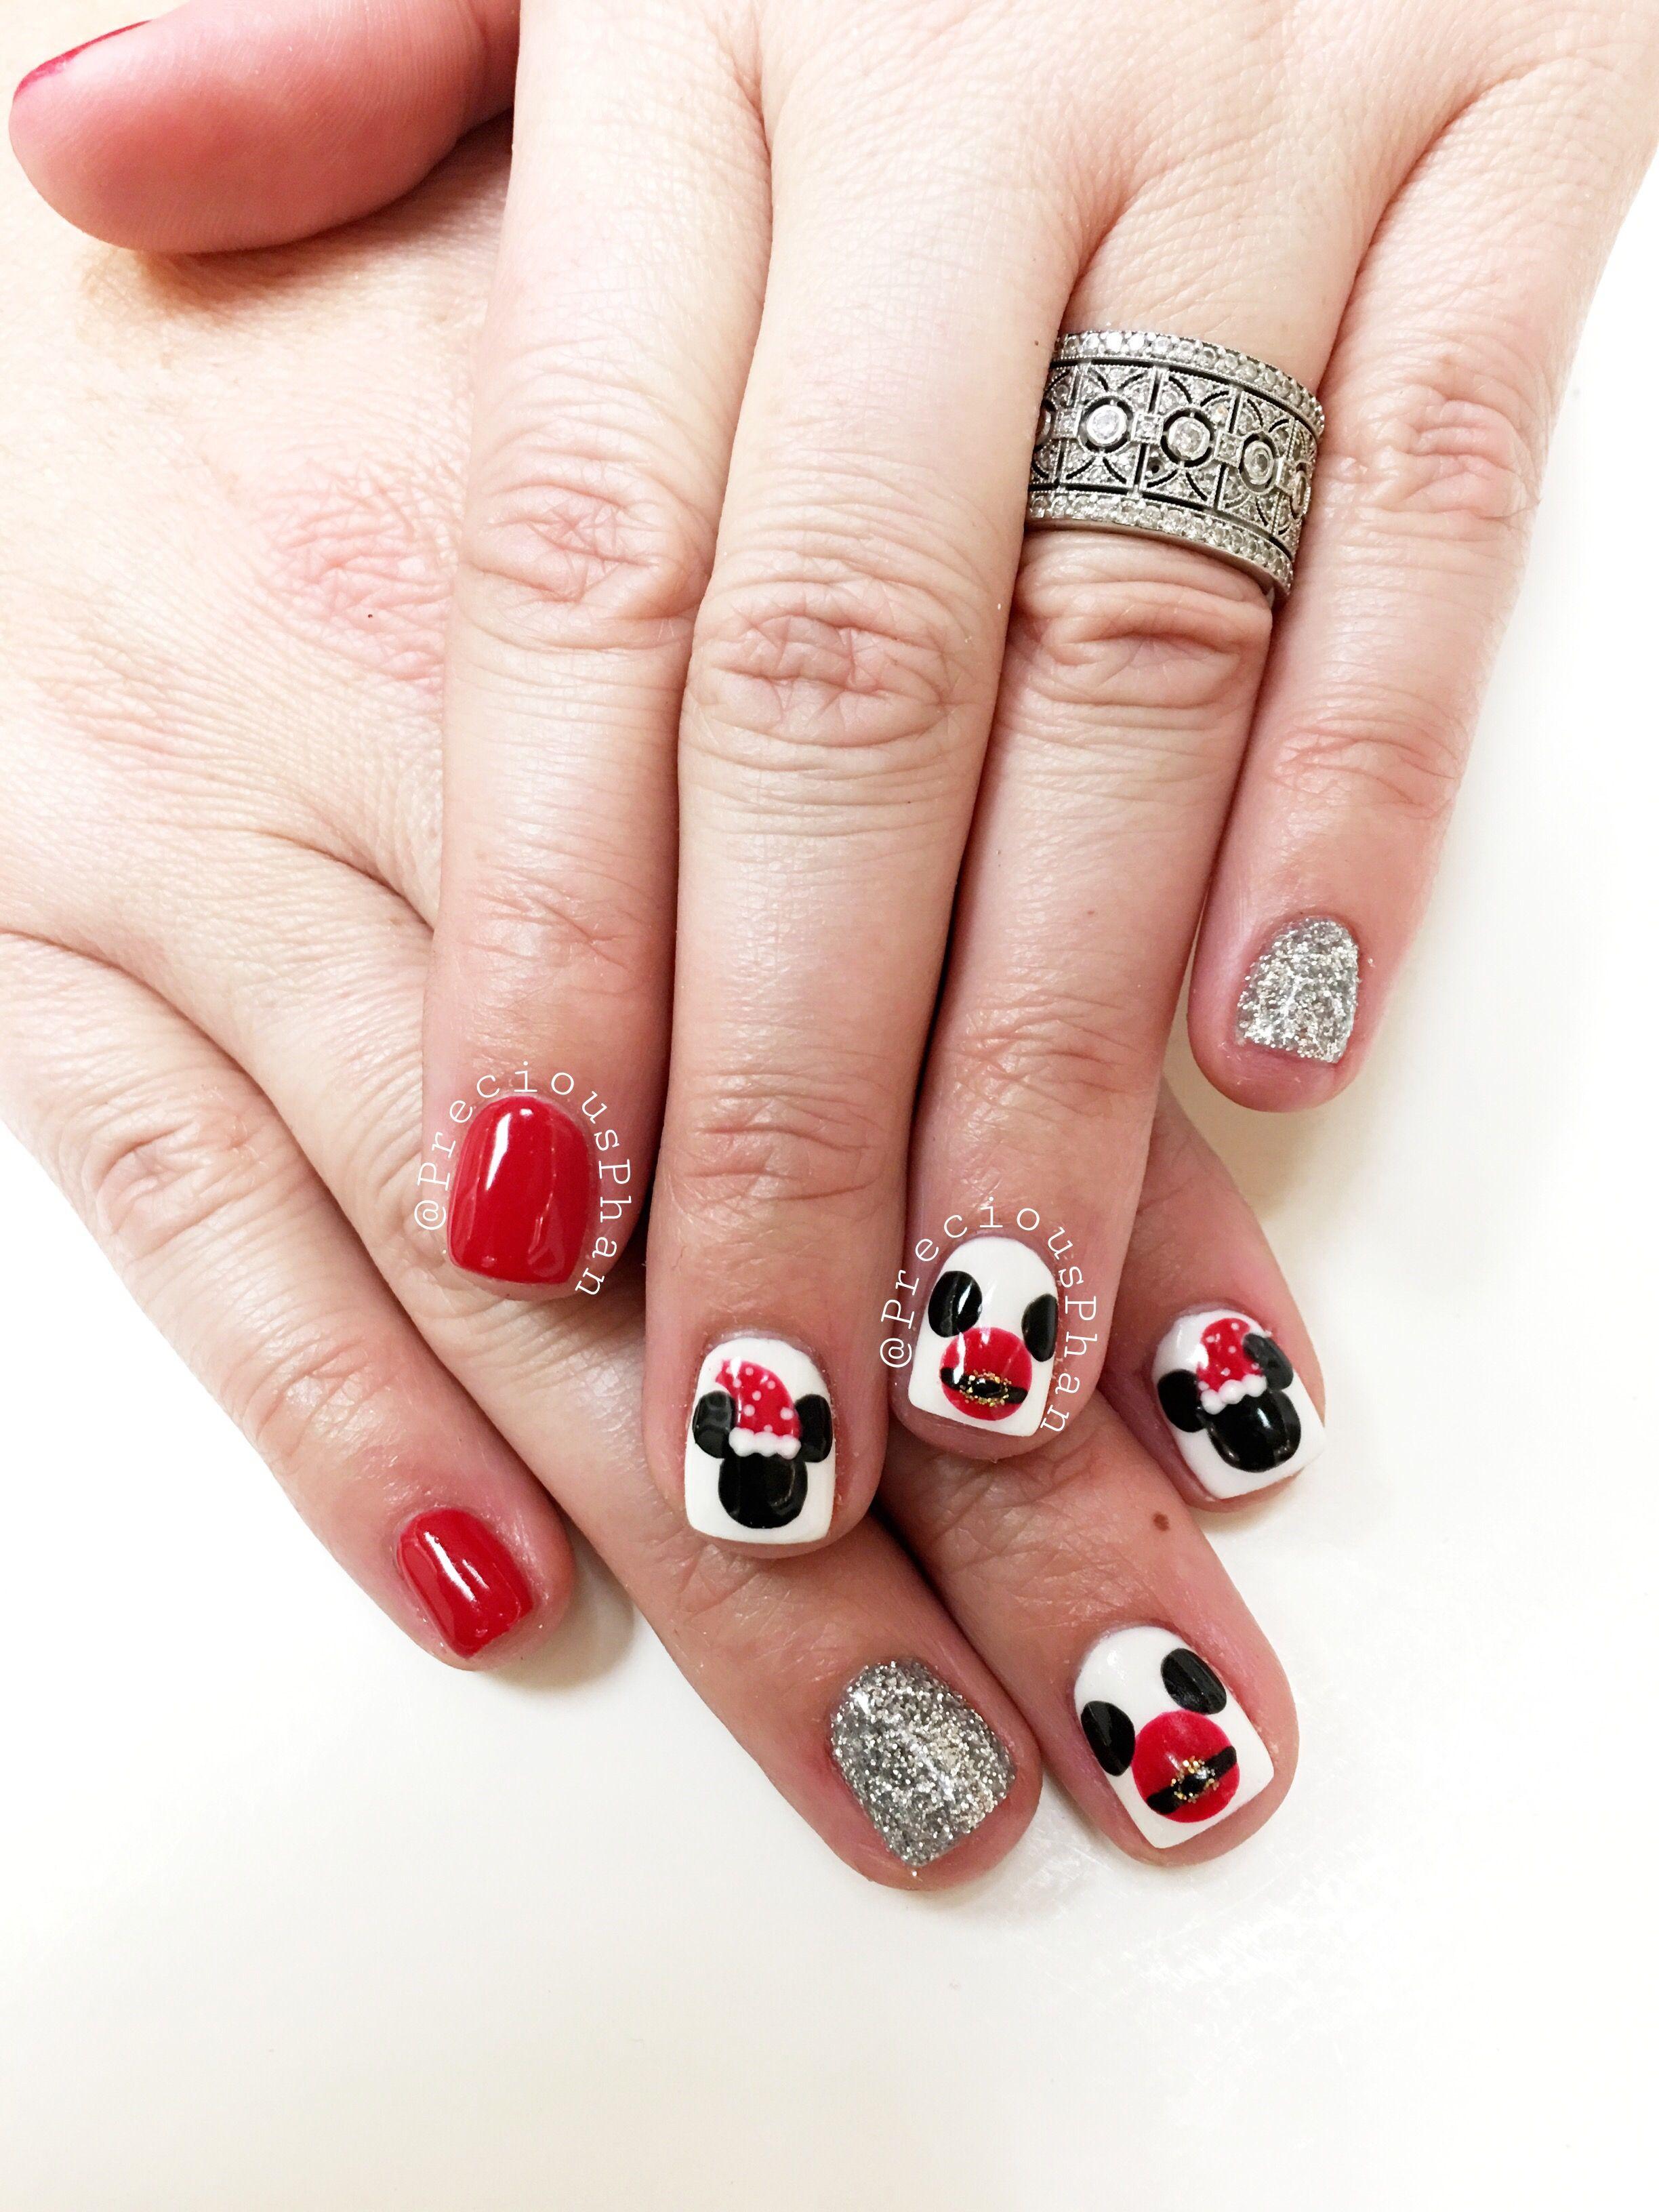 Mickey Mouse Nails Minnie Mouse Nails Christmas Nails Ornament Nails Preciousphan Mickey Nails Mickey Mouse Nails Disney Christmas Nails